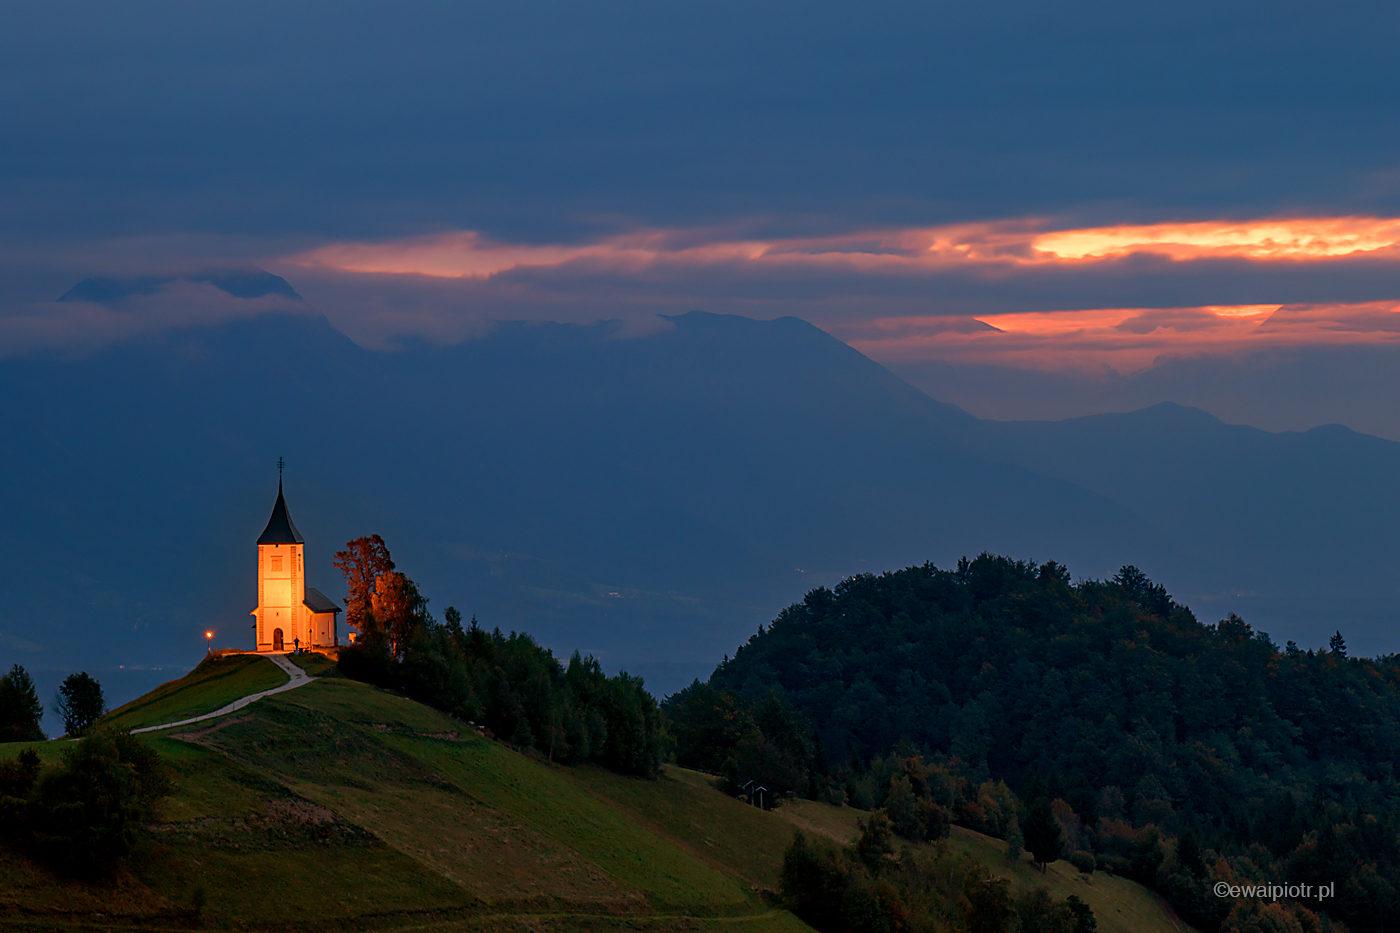 Kościół w Jamniku o wschodzie, Słowenia, fotowyprawa